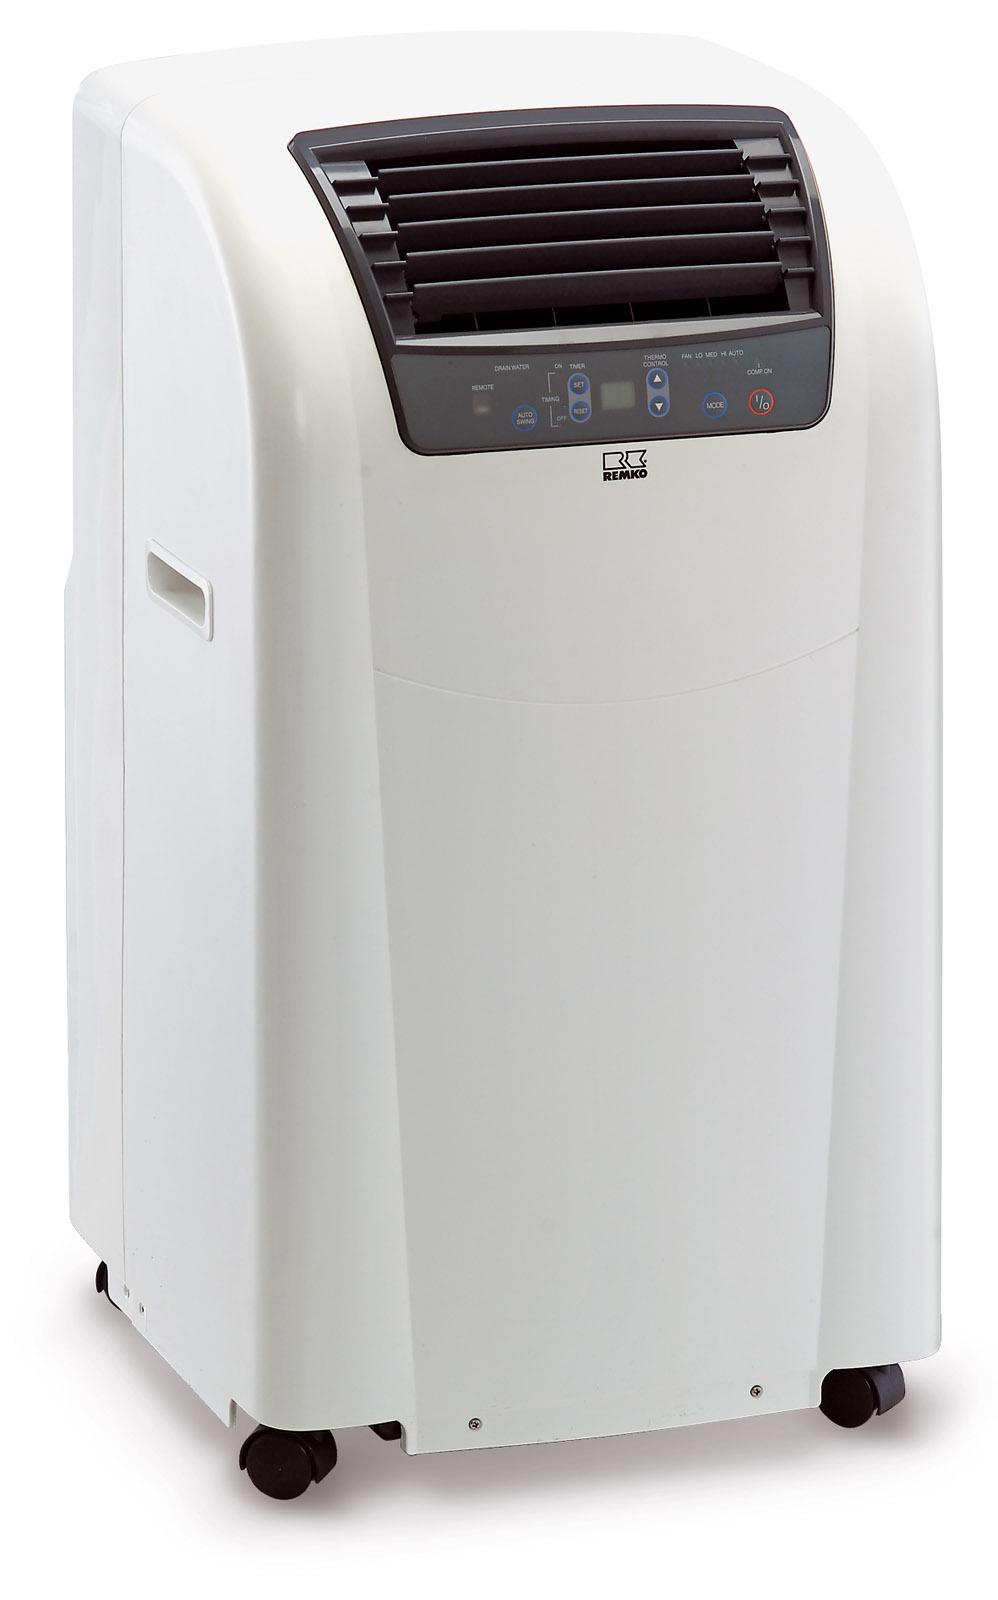 Mobilní klimatizace REMKO RKL300 bílá + Prodloužená záruka 3 roky + ZDARMA SERVIS bez starostí